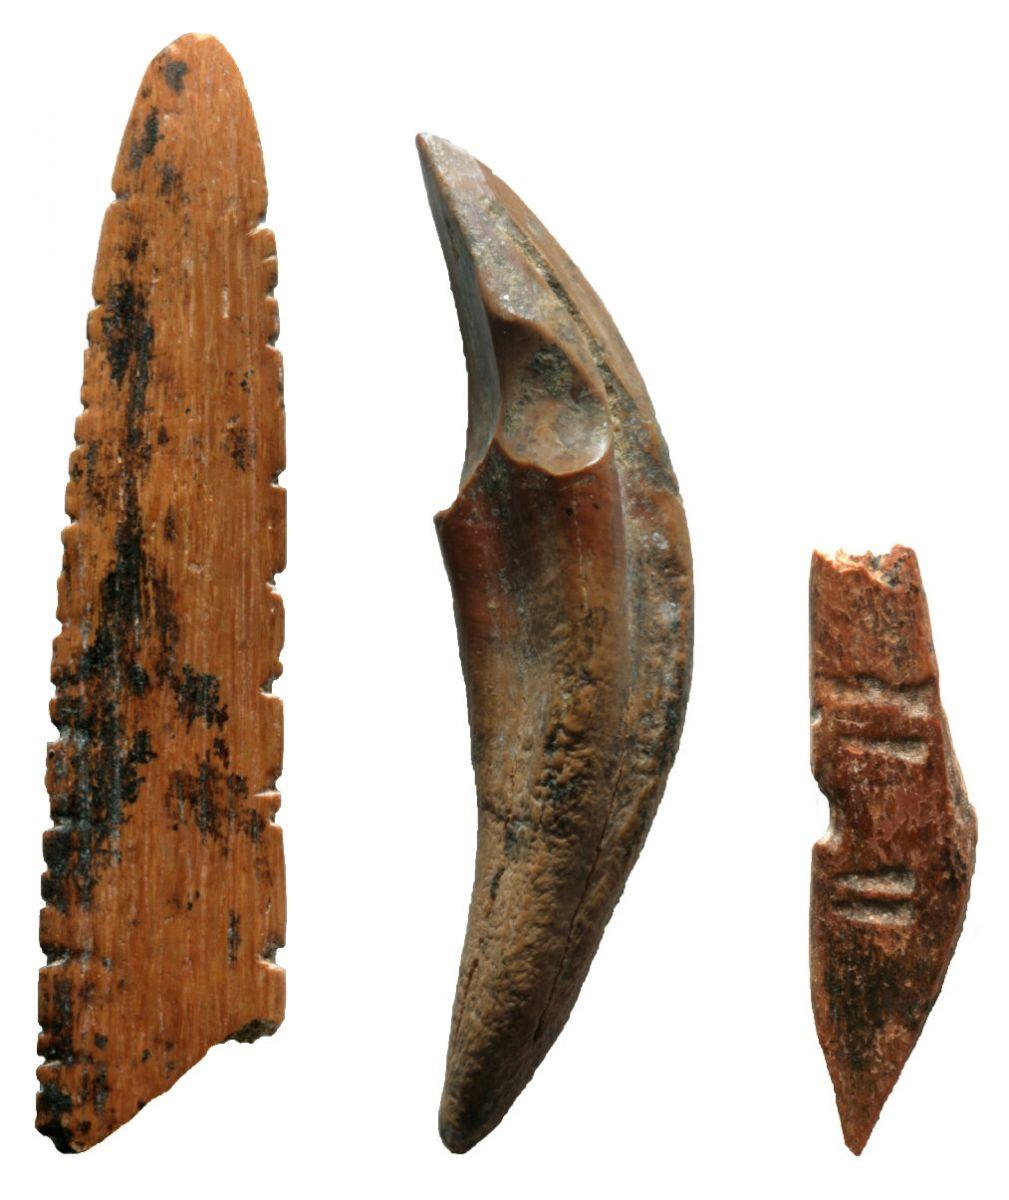 Инструменты, которые, вероятно, использовались для охоты на маленьких обезьян и белок, фото: MC Langley